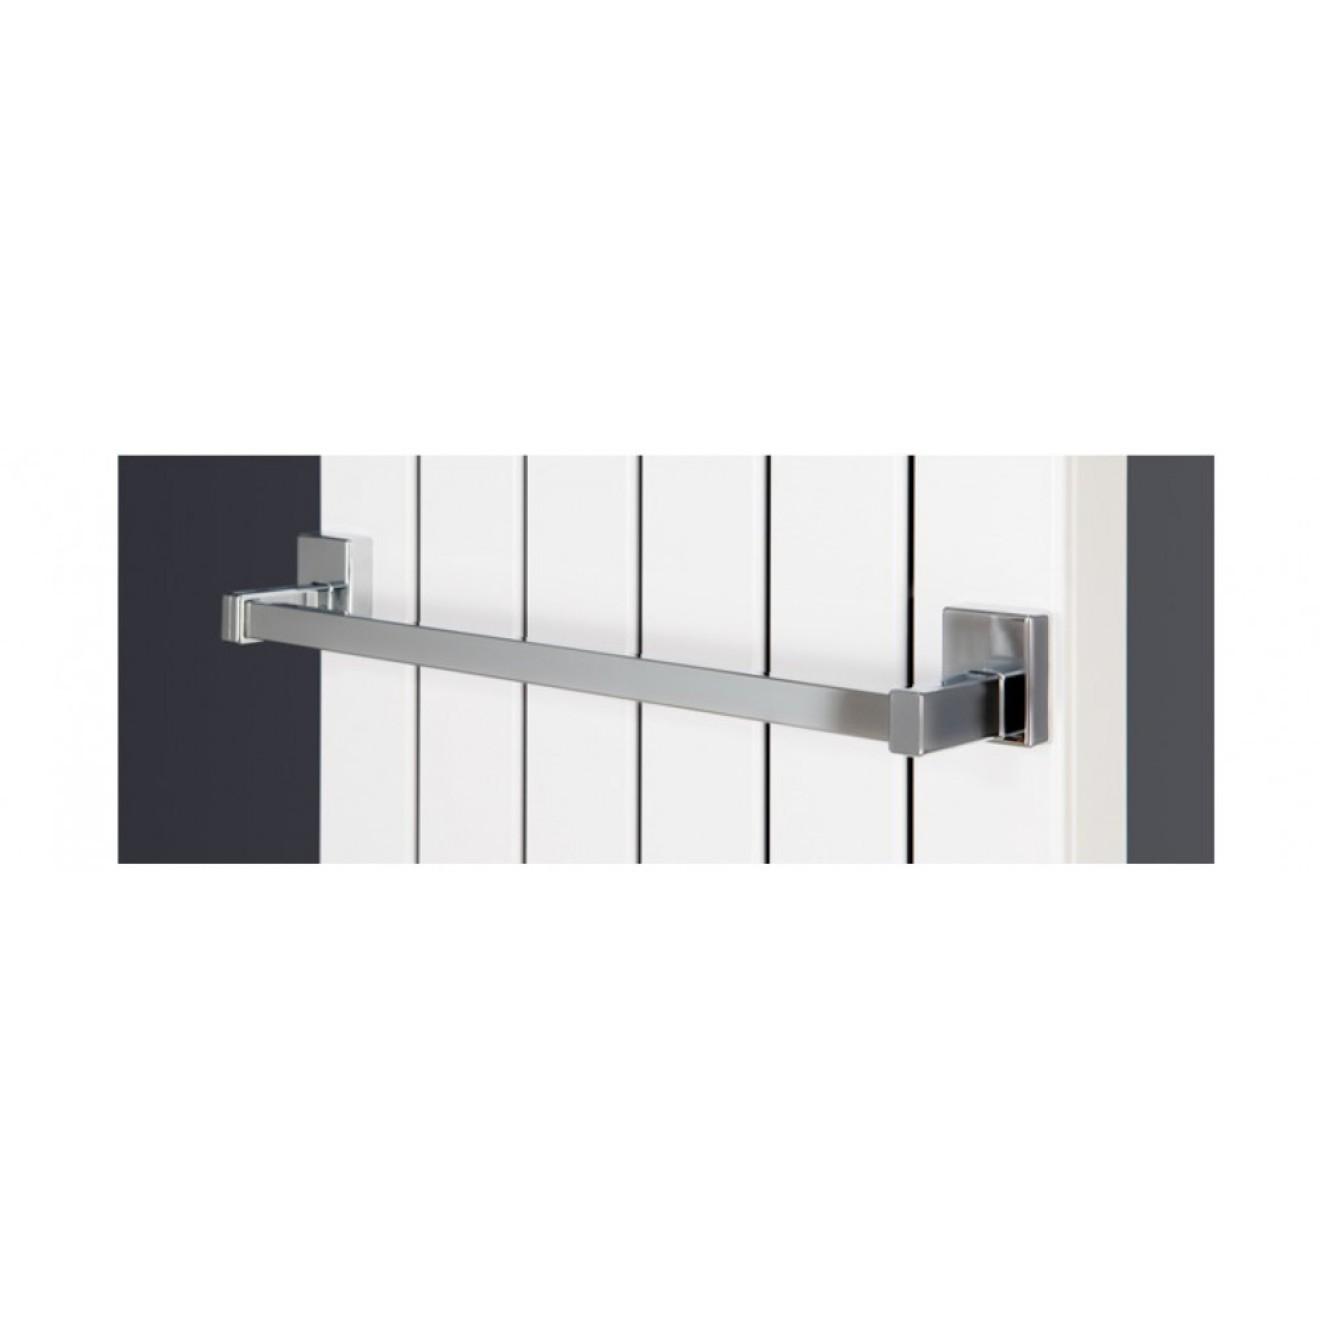 Trendig Magnet Handtuchstange Handtuchhalter 50 cm chrom für Heizkörper  EP65